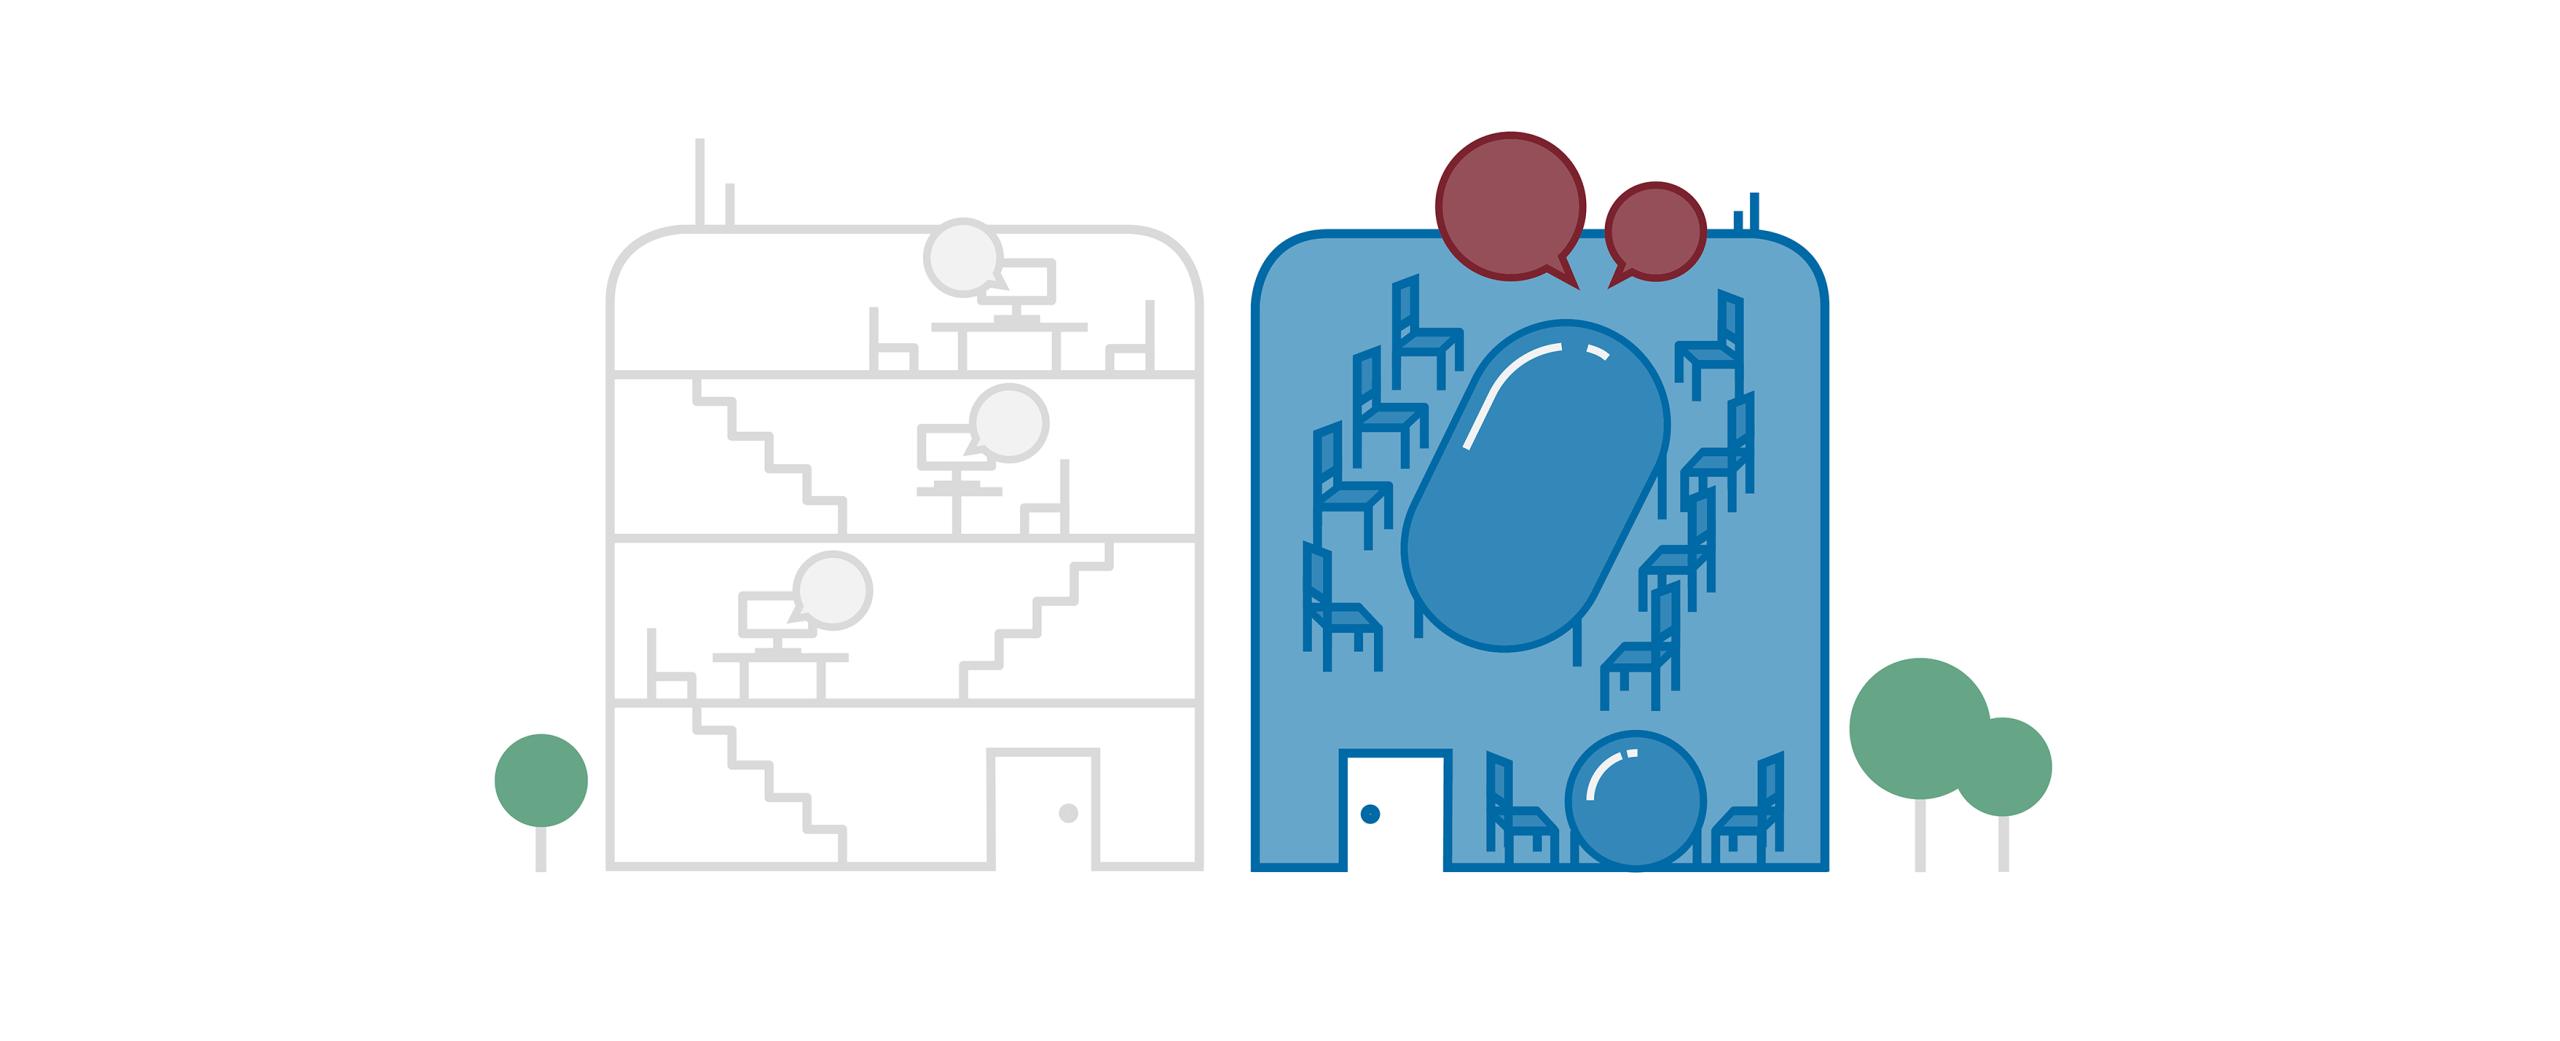 schematisch gezeigter Wandel in Arbeitsabläufen, weg von getrennten Bereichen hin zu Teams